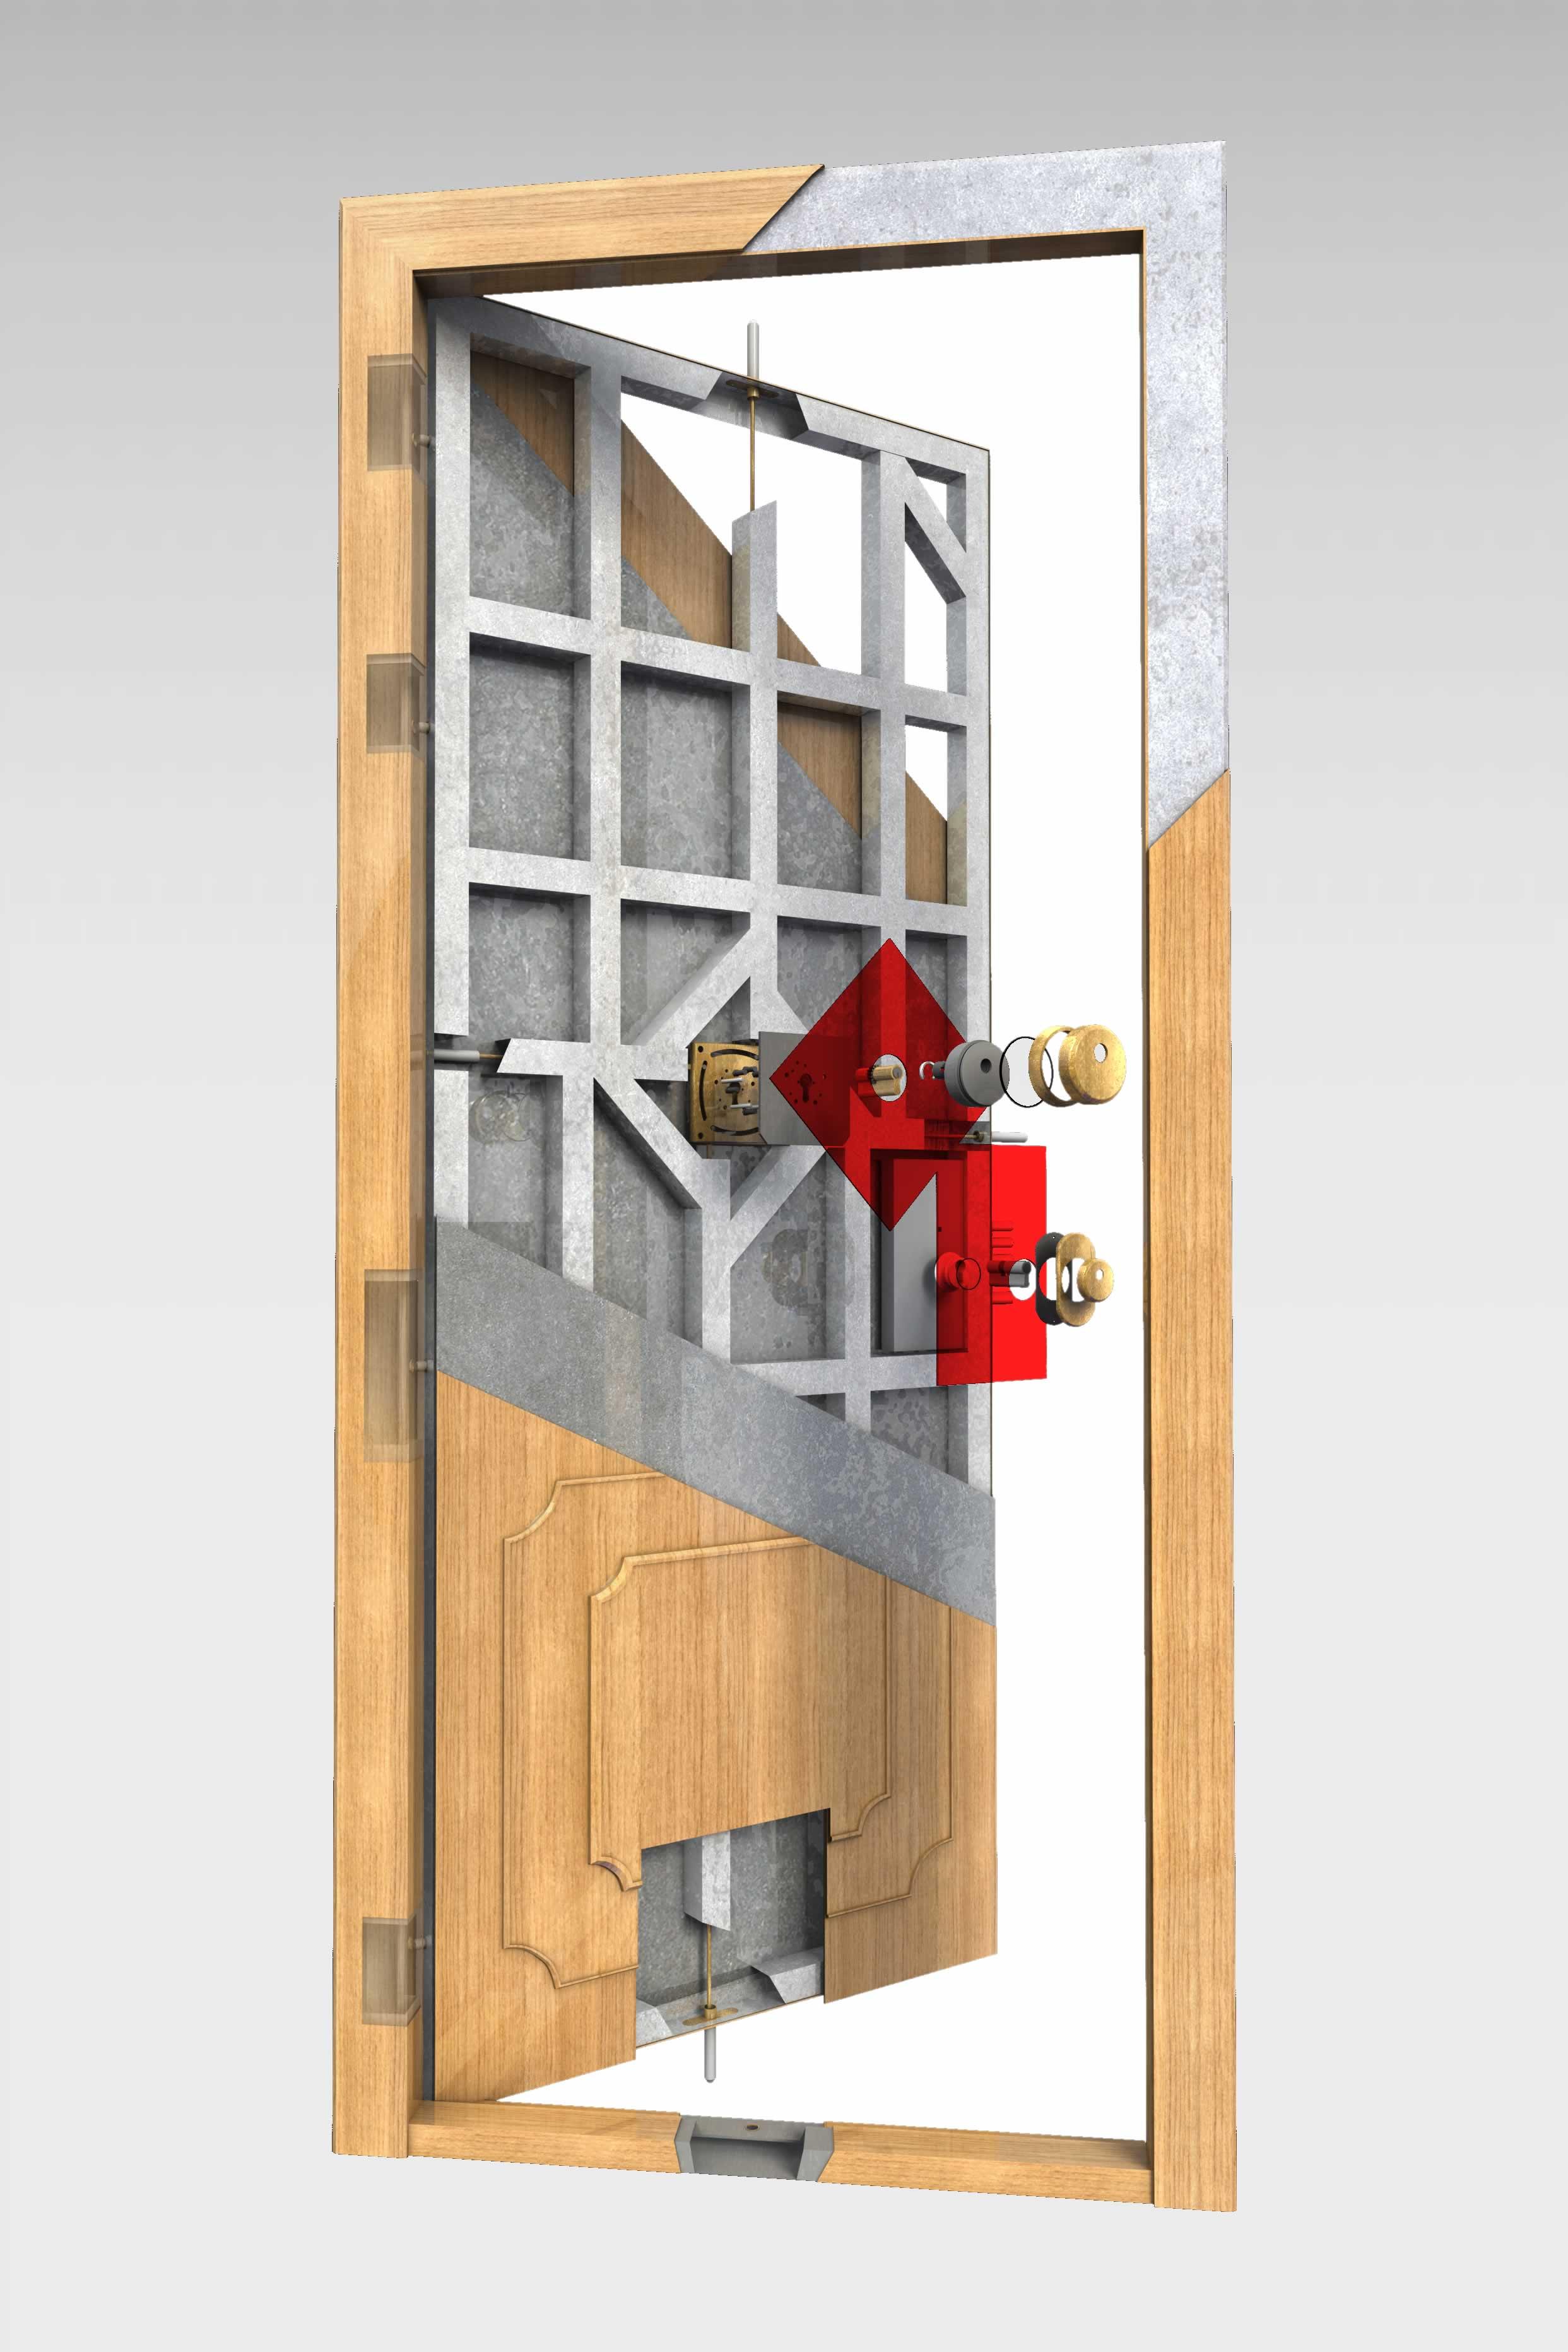 Puerta acorazada olimpo de la serie hogar roconsa for Puertas blindadas precios